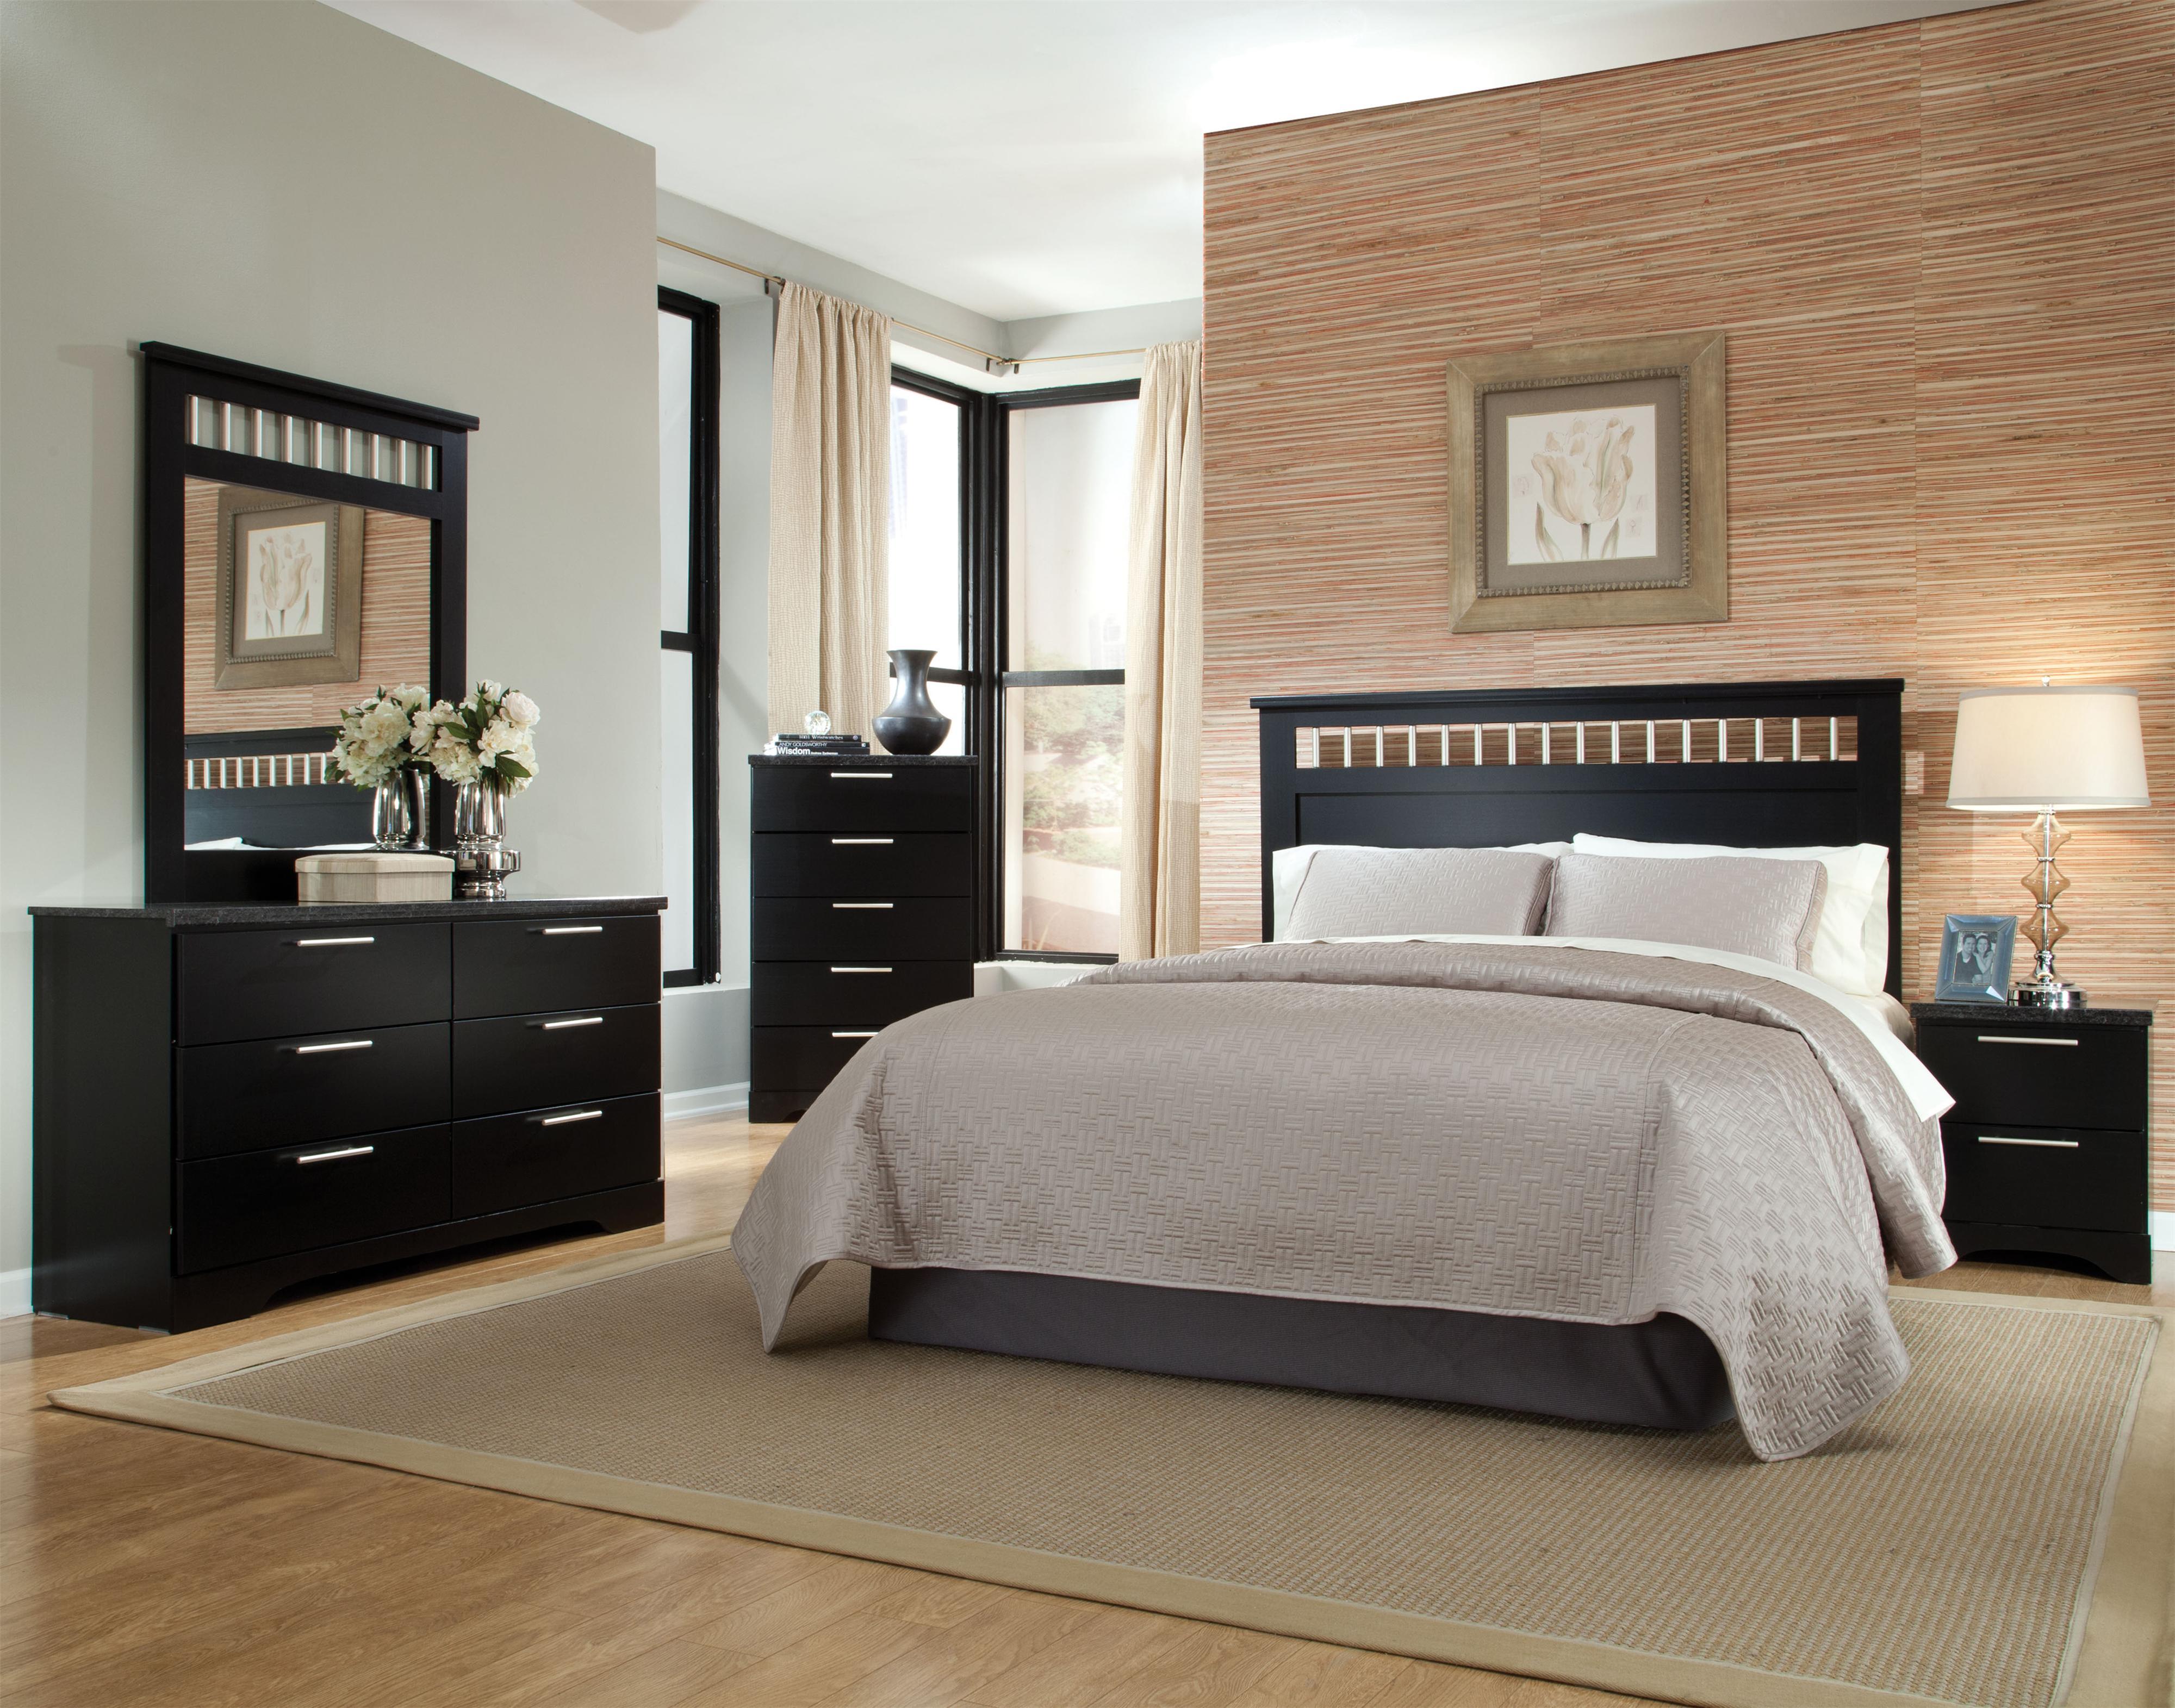 Standard furniture atlanta full queen bedroom group dunk bright furniture bedroom groups for Standard furniture metro bedroom collection